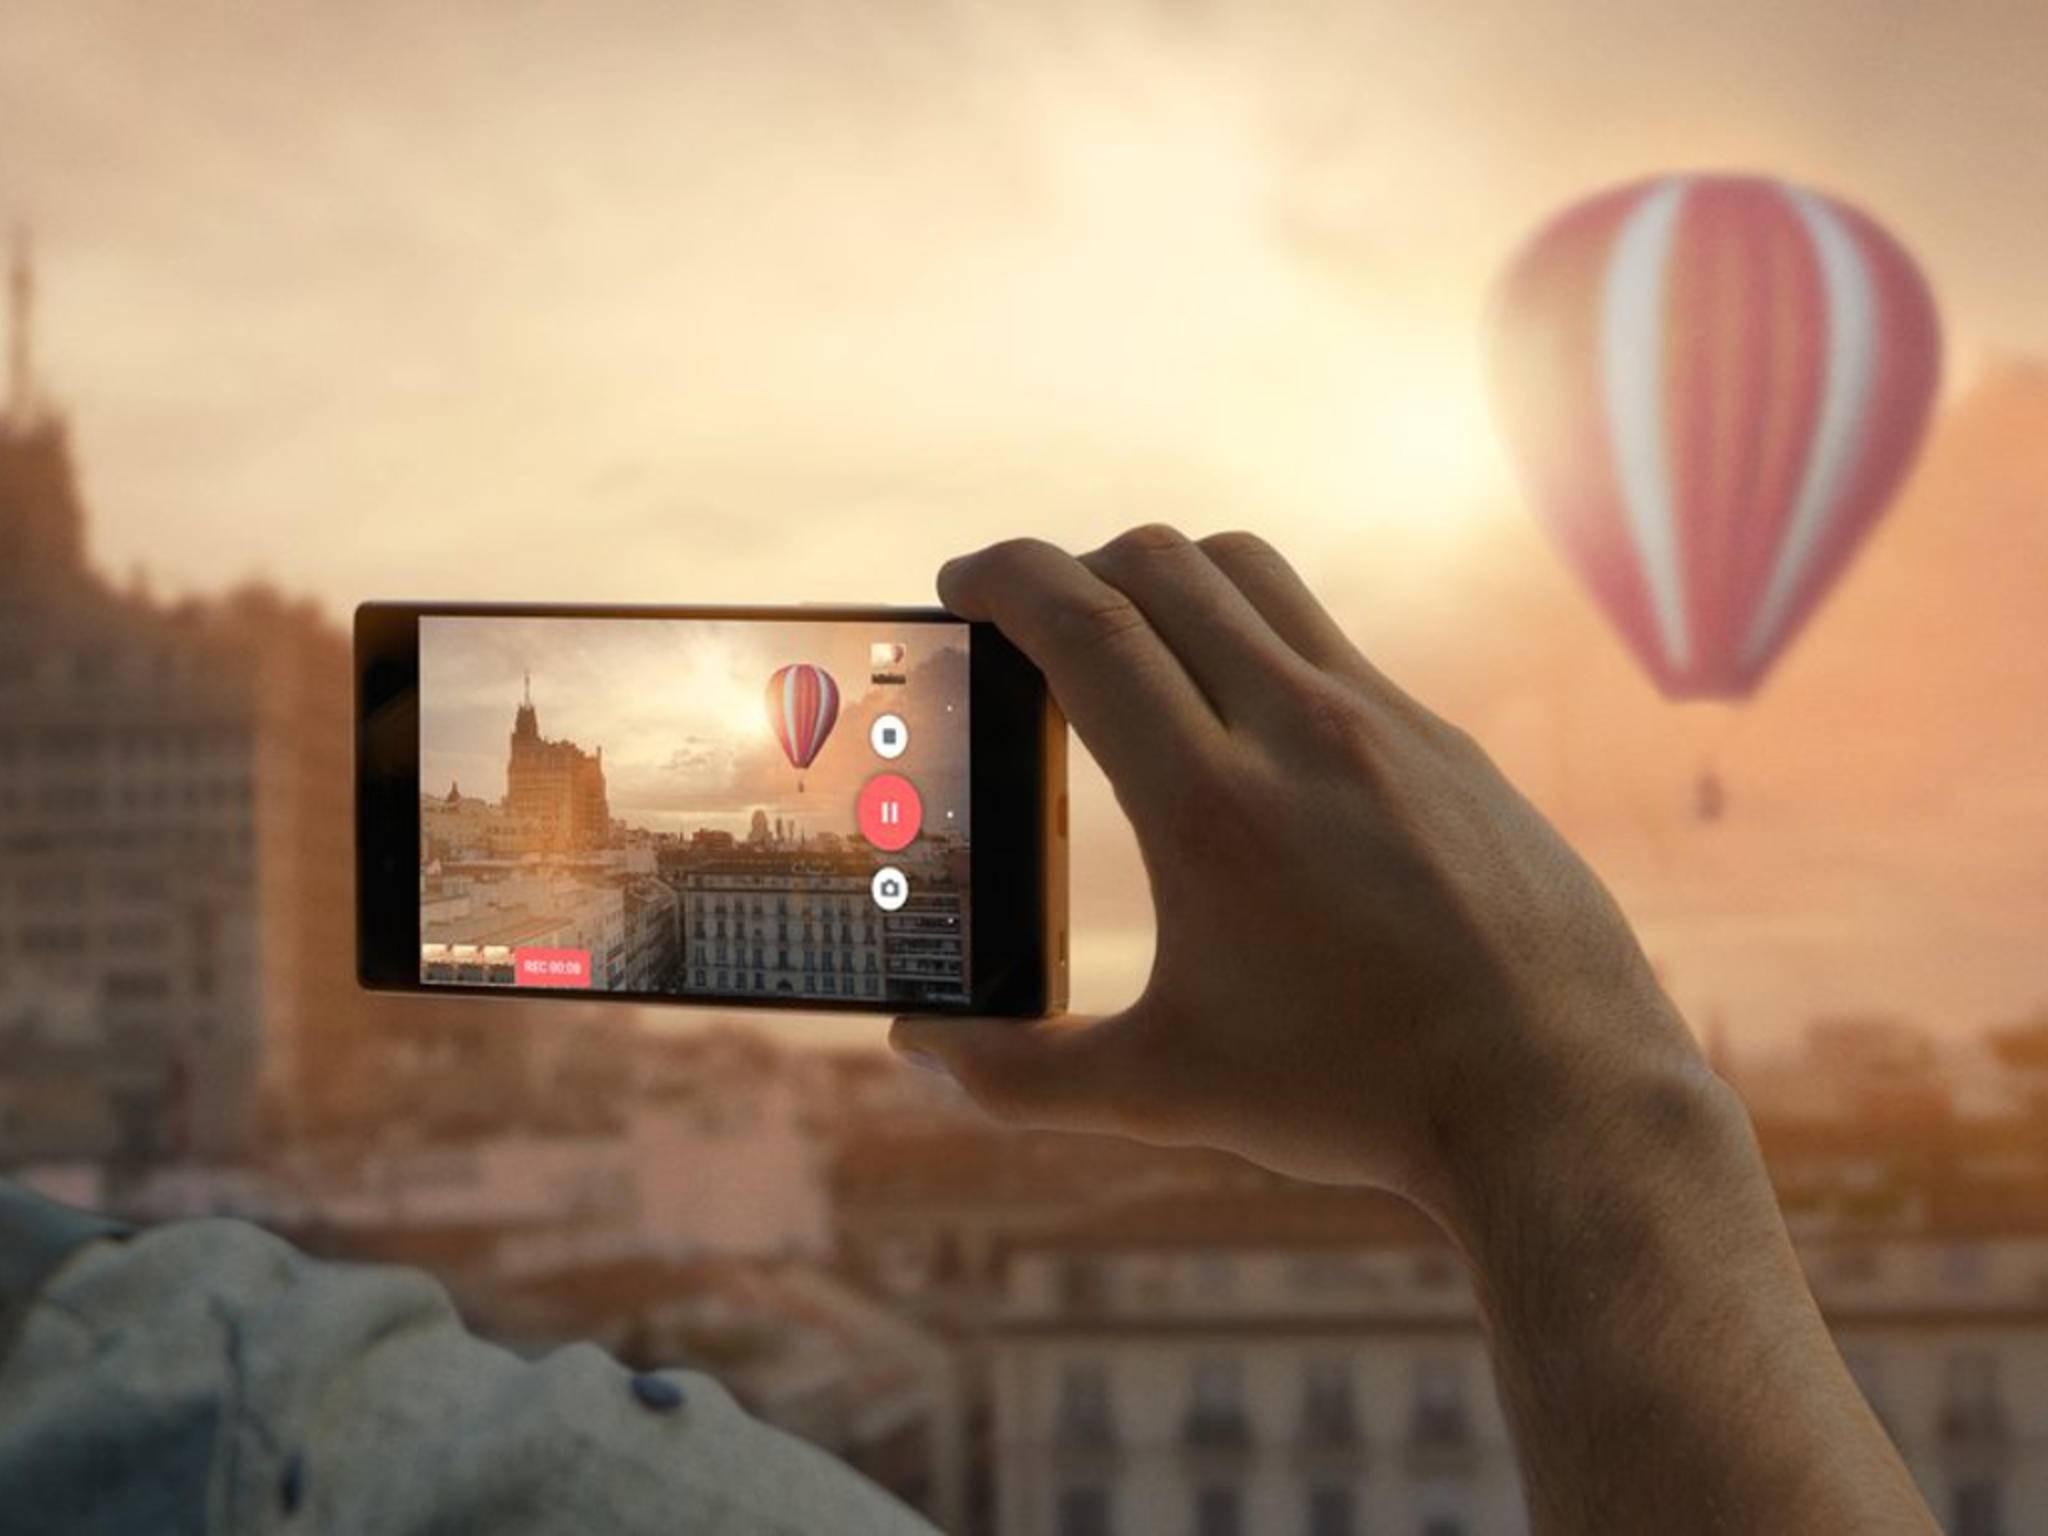 4K-Displays wie beim Xperia Z5 Premium braucht eigentlich niemand.